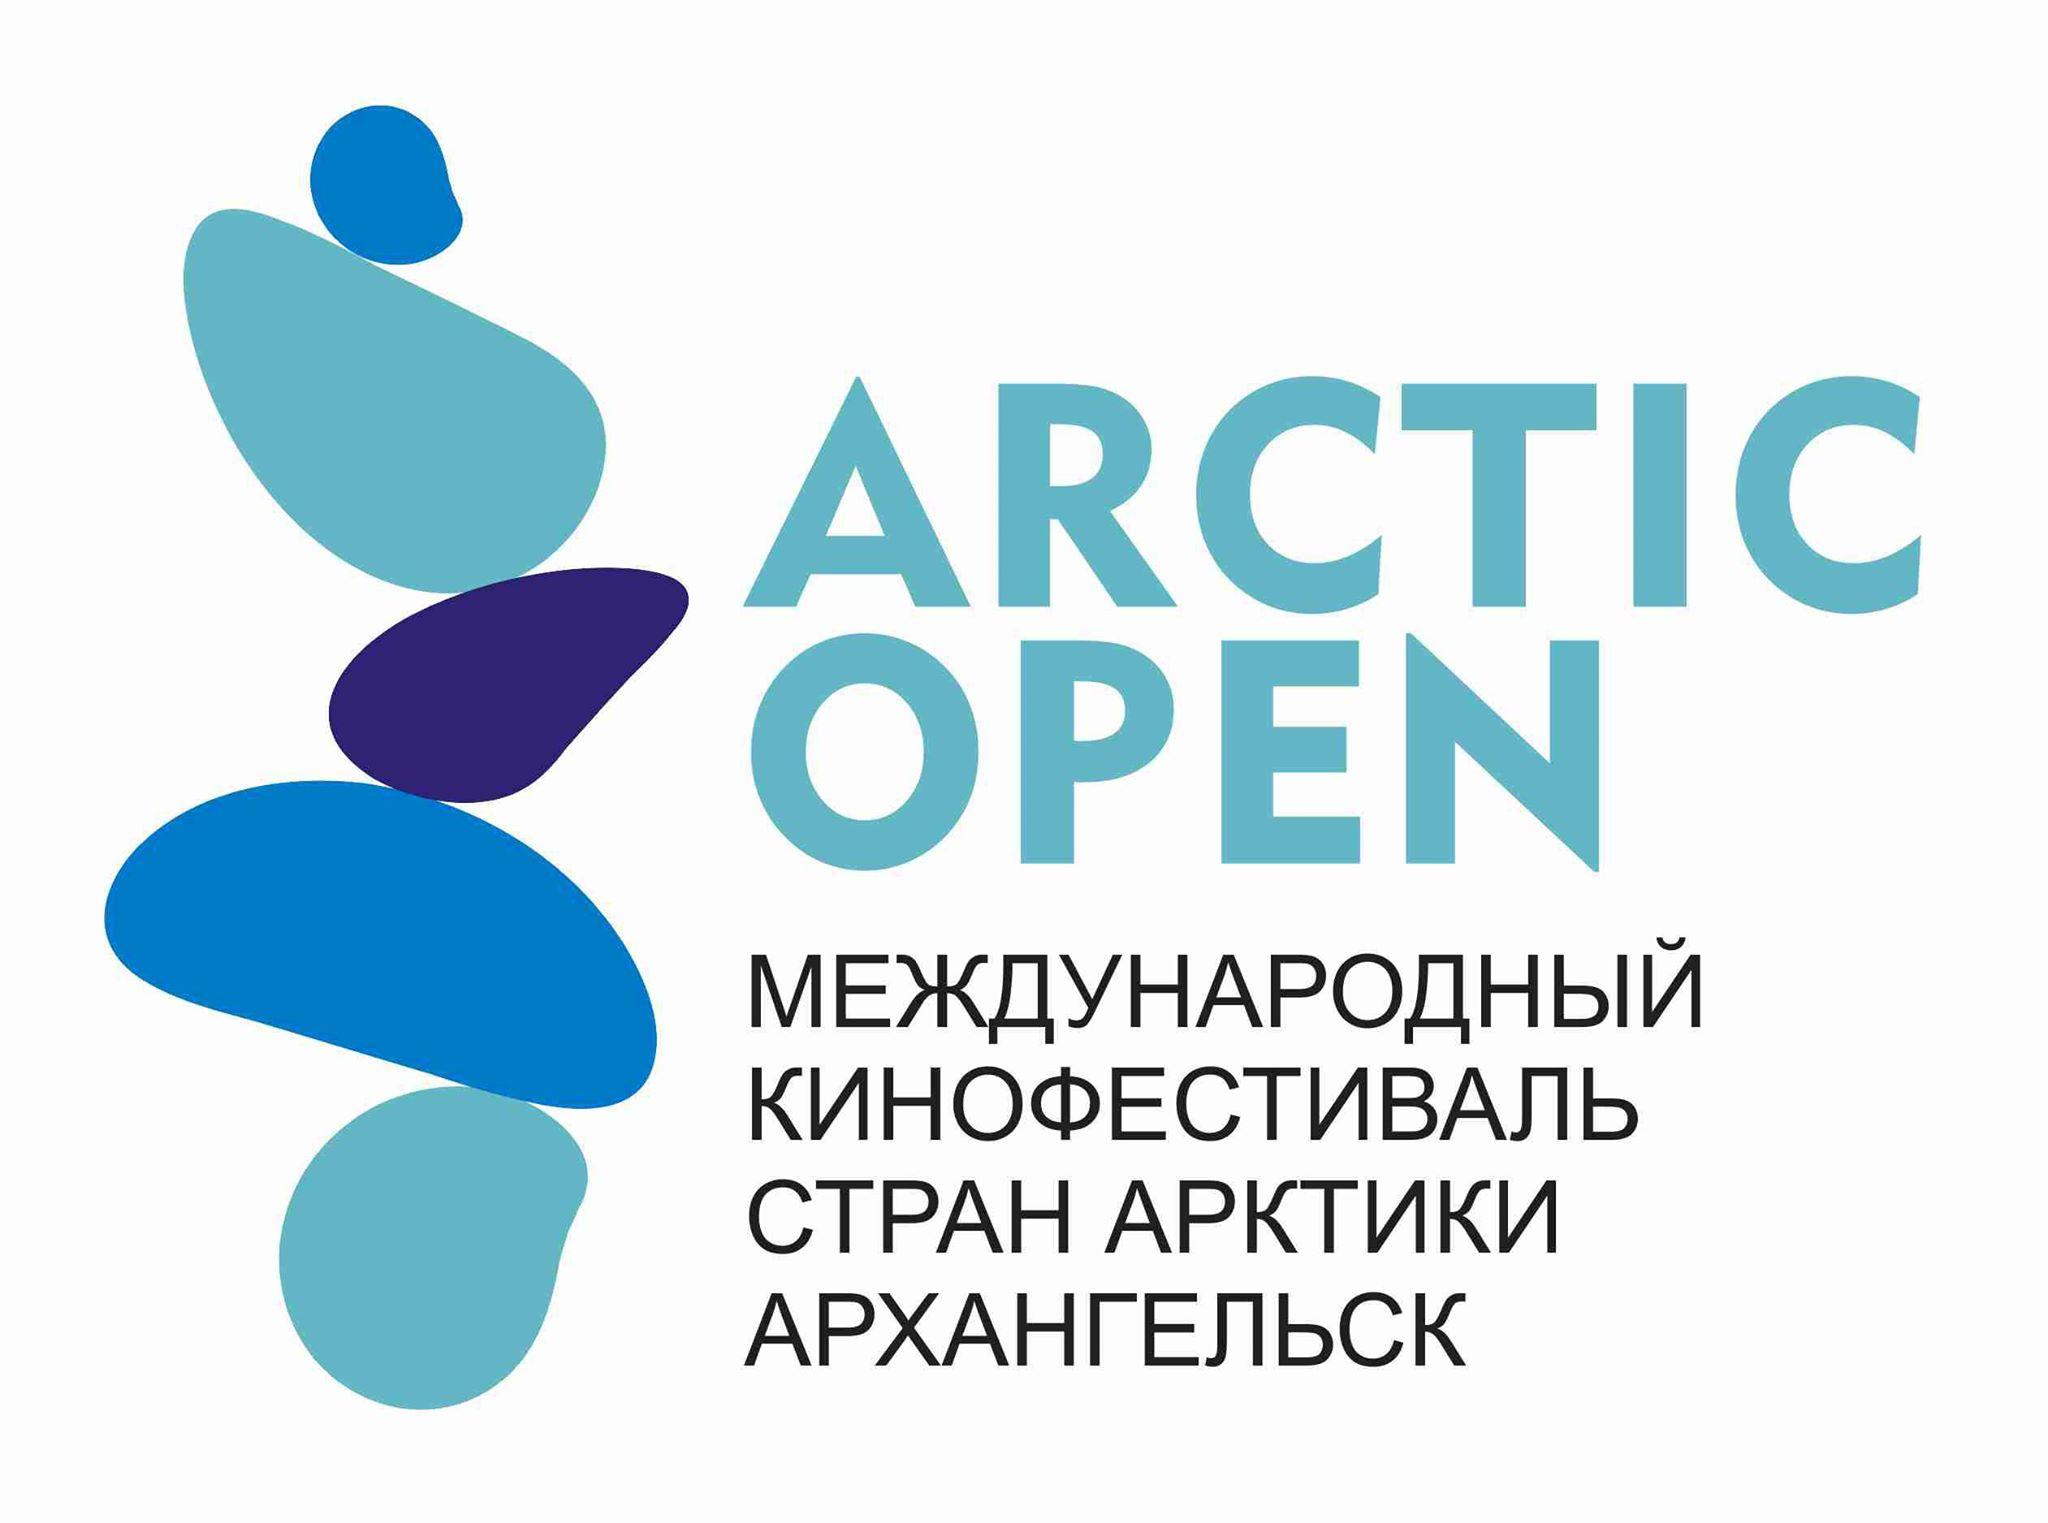 Arctic open покажет интересное кино о жизненных проблемах